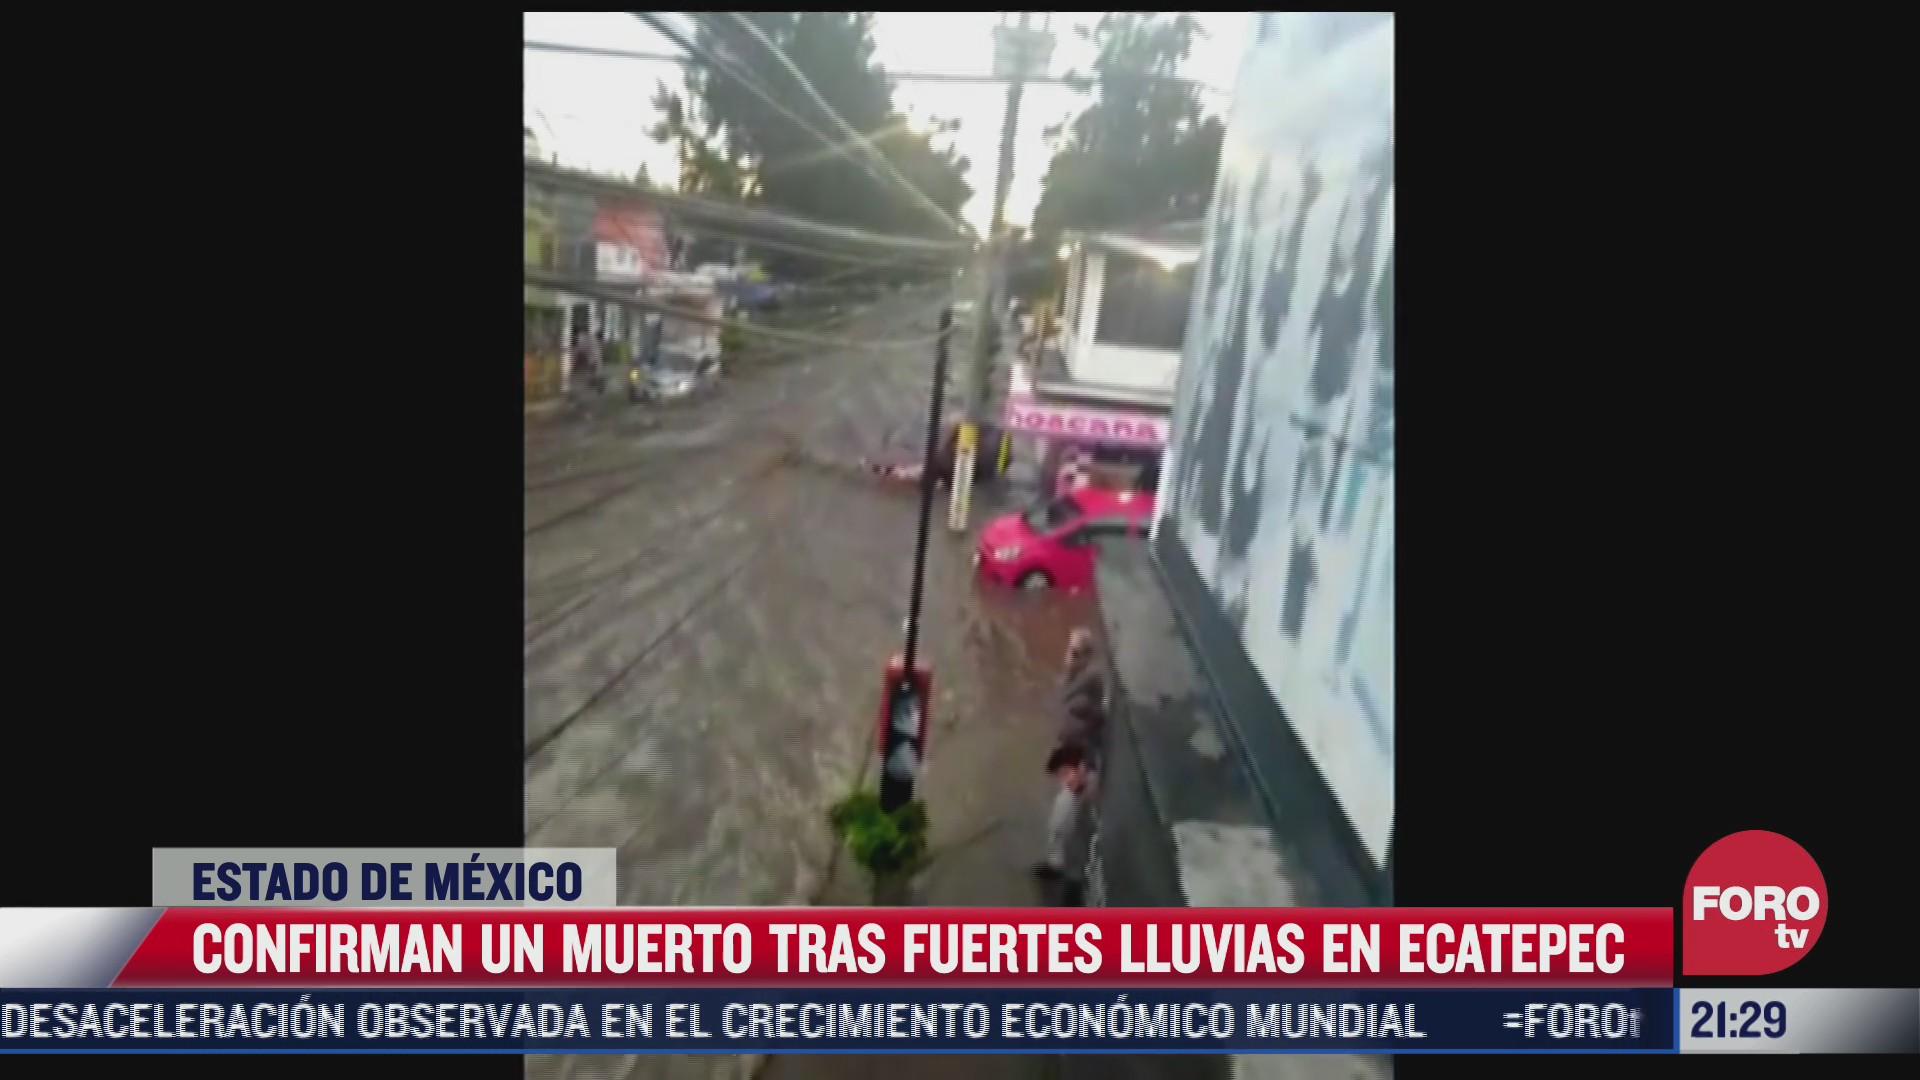 confirman un muerto tras las lluvias registradas en ecatepec